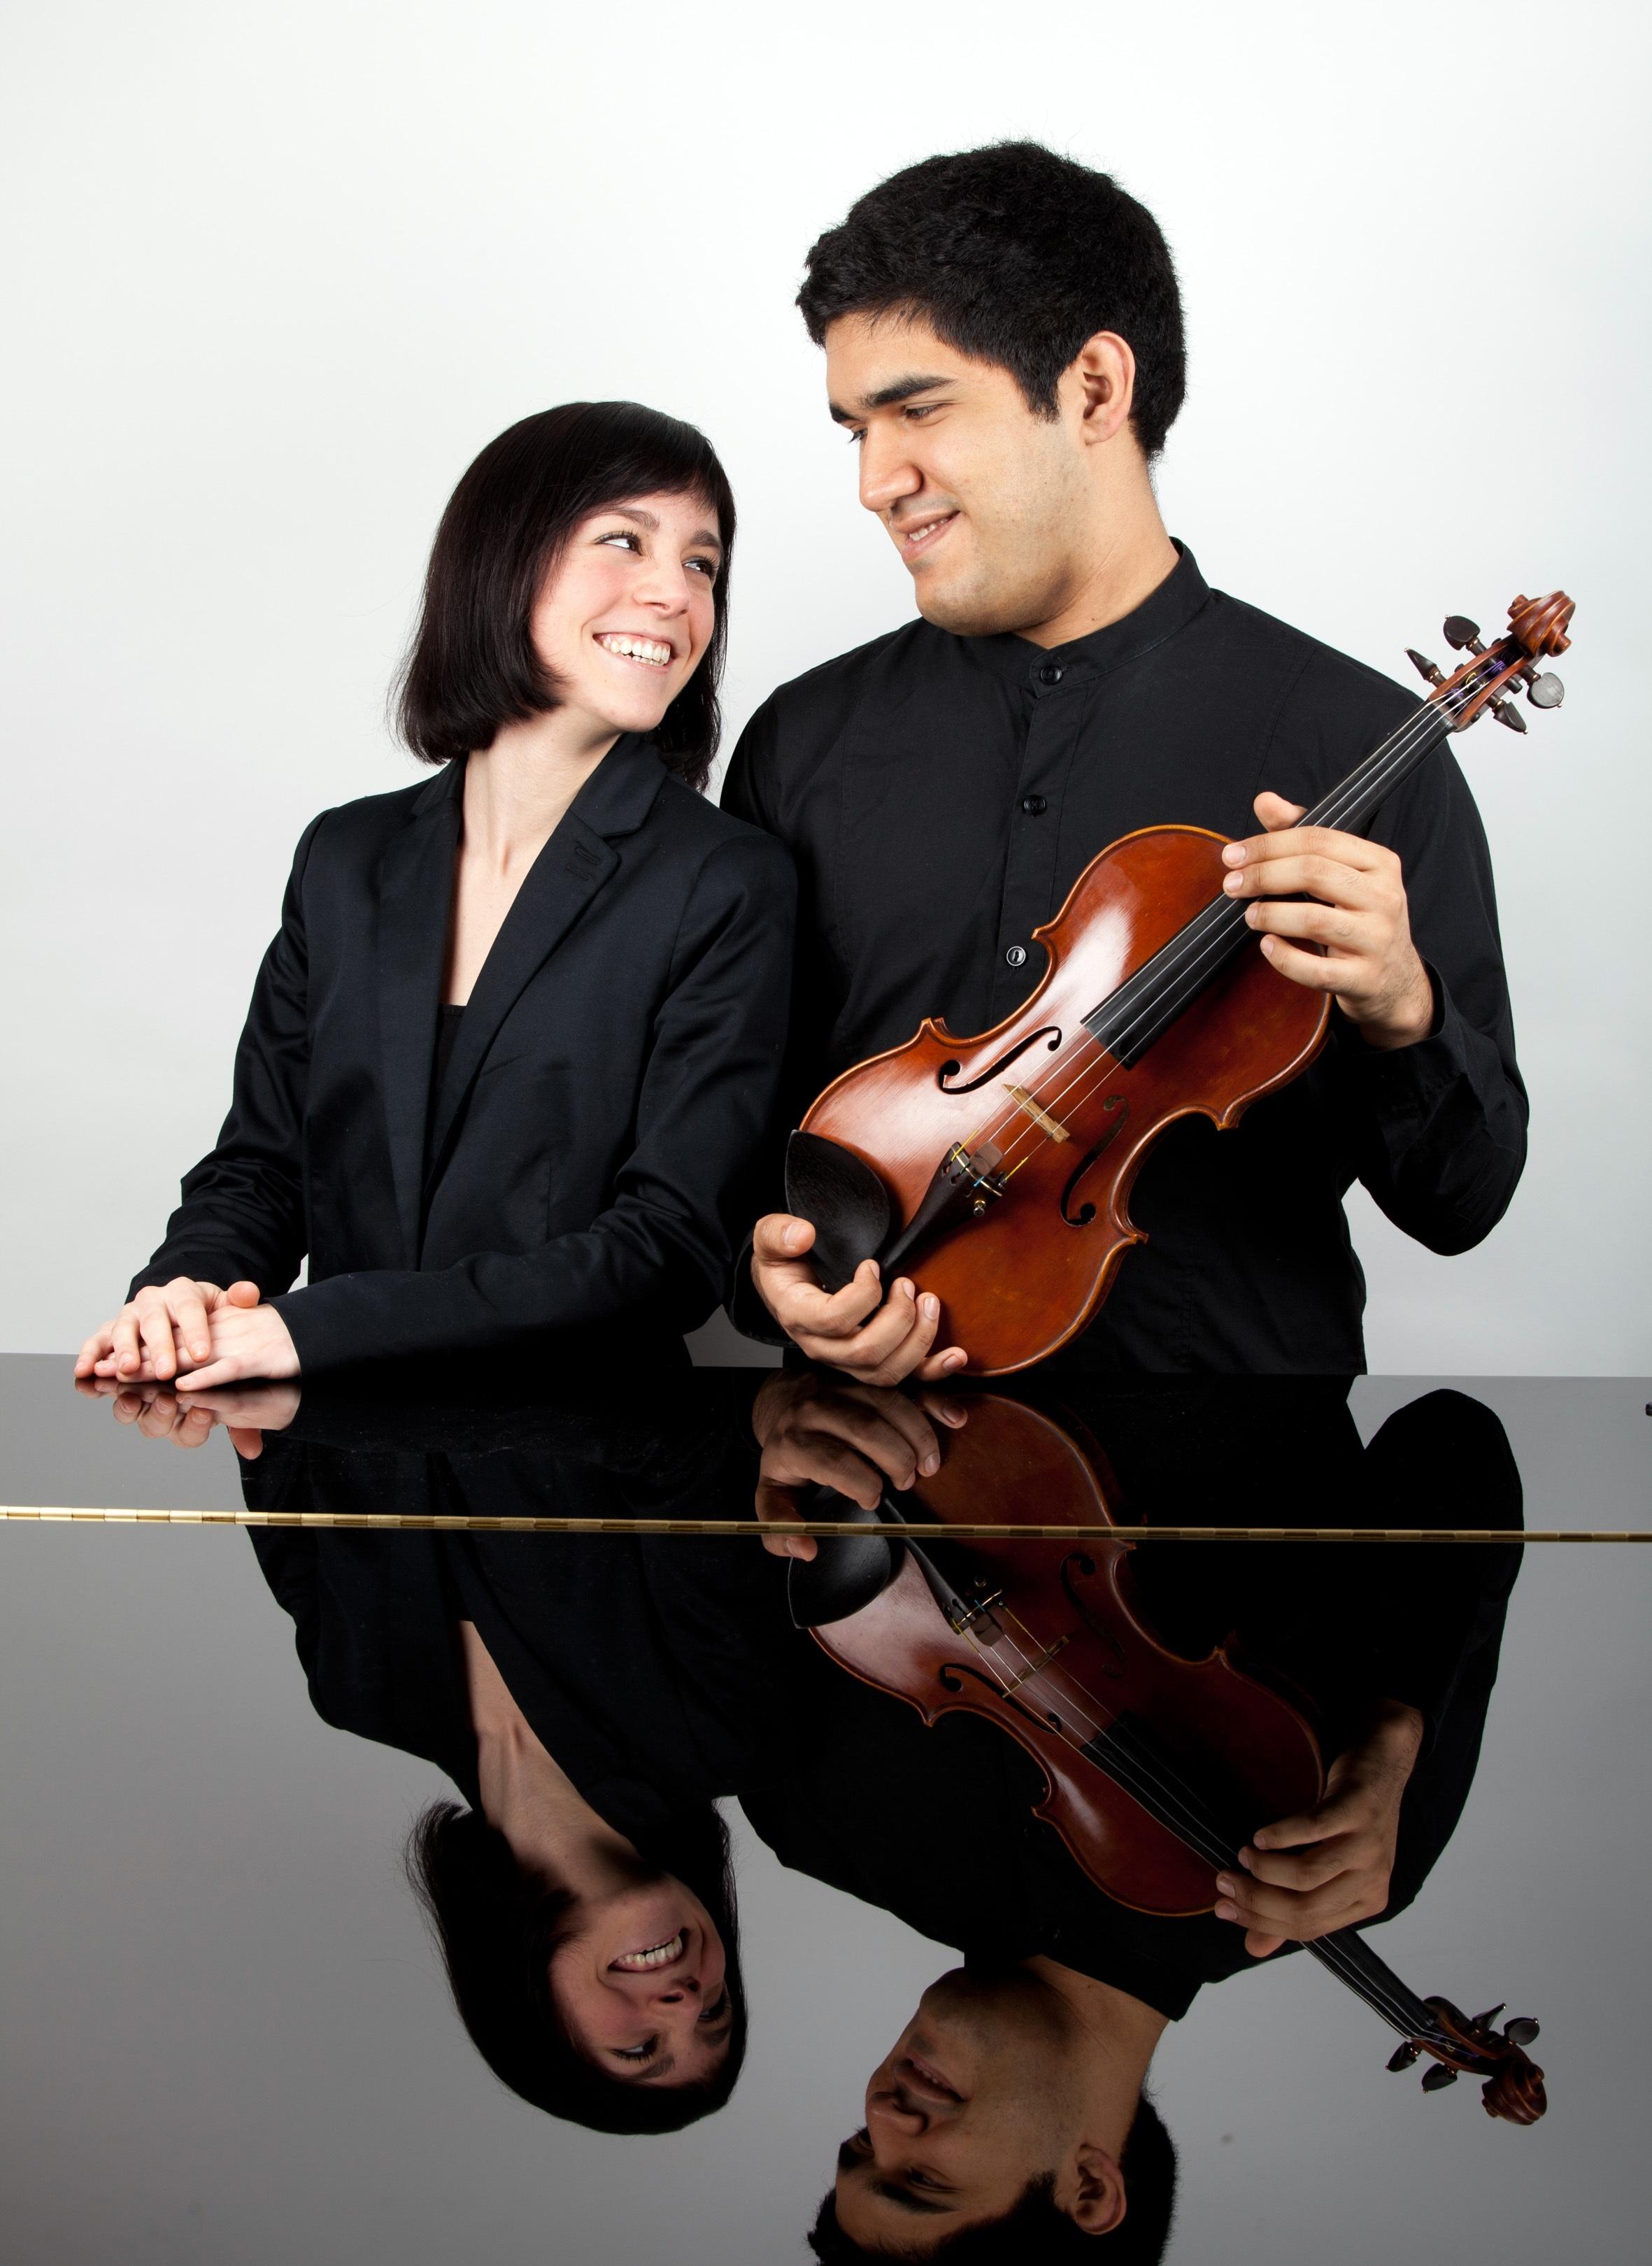 Un dúo de piano y violín ofrecerá este viernes en Pamplona un concierto del ciclo de jóvenes talentos musicales